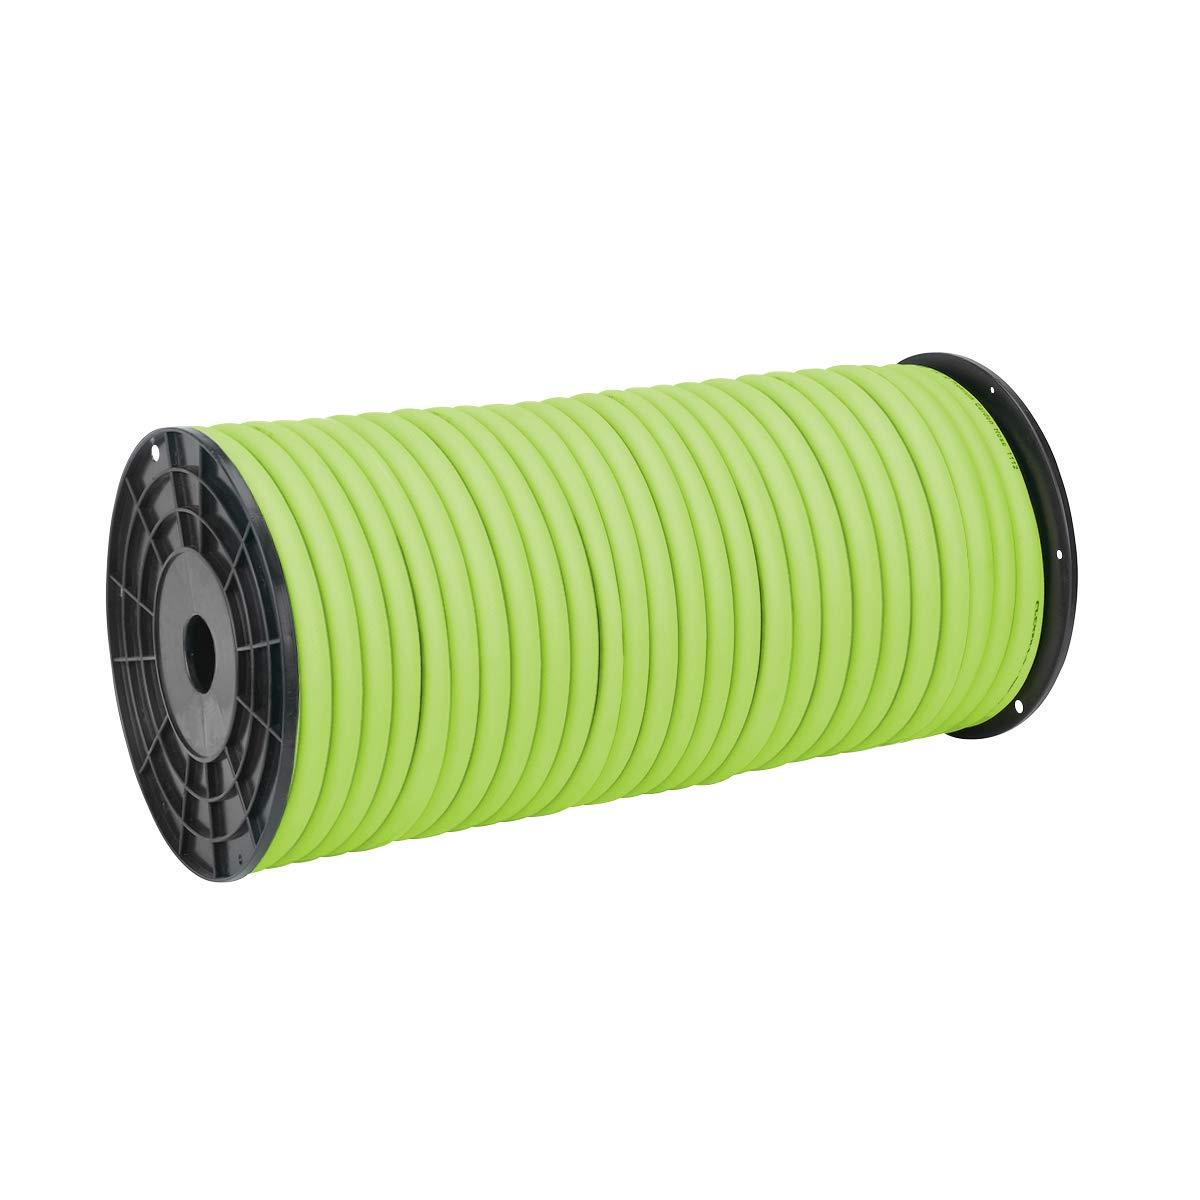 Flexzilla Pro Water Hose, Bulk Plastic Spool, 5/8 in. x 250 ft, Heavy Duty, Lightweight, ZillaGreen - HFZ58250YW by Flexzilla